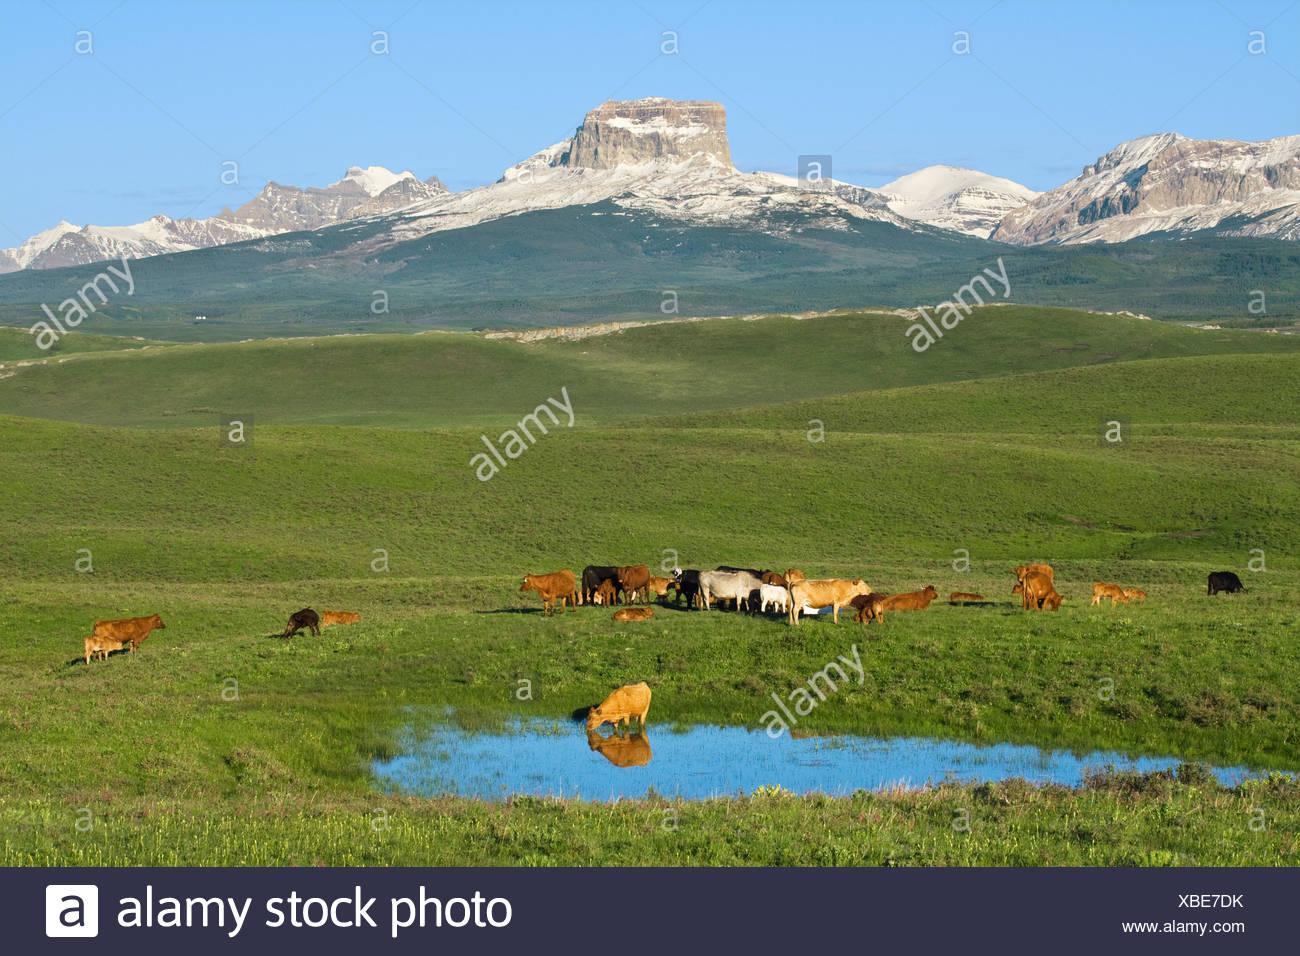 Races mixtes de vaches et veaux monter à côté d'un étang après le lever du soleil dans un pâturage près des contreforts des Rocheuses canadiennes / Canada. Photo Stock